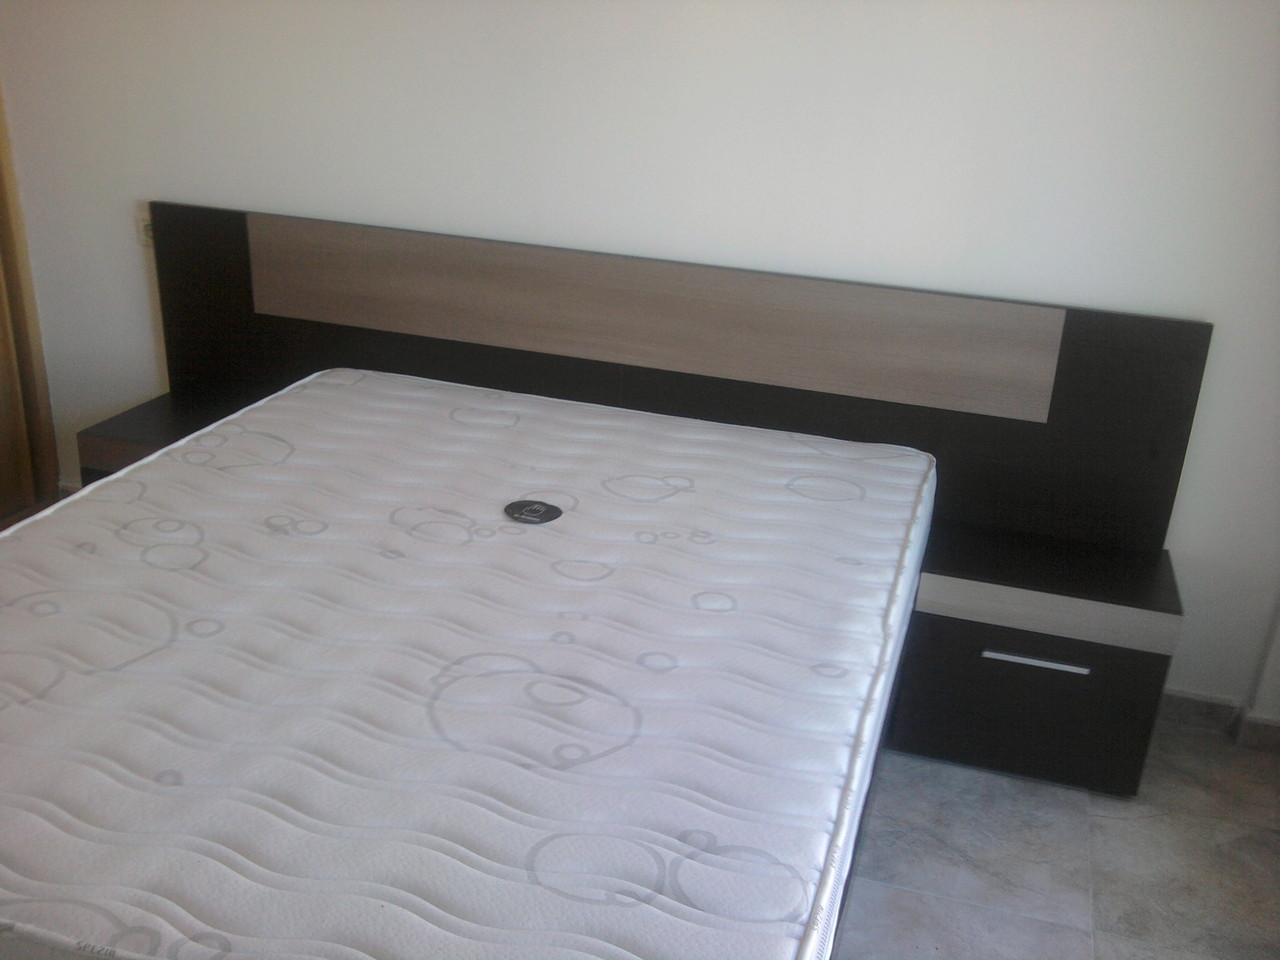 Dormitorio en Wengue, moderno .